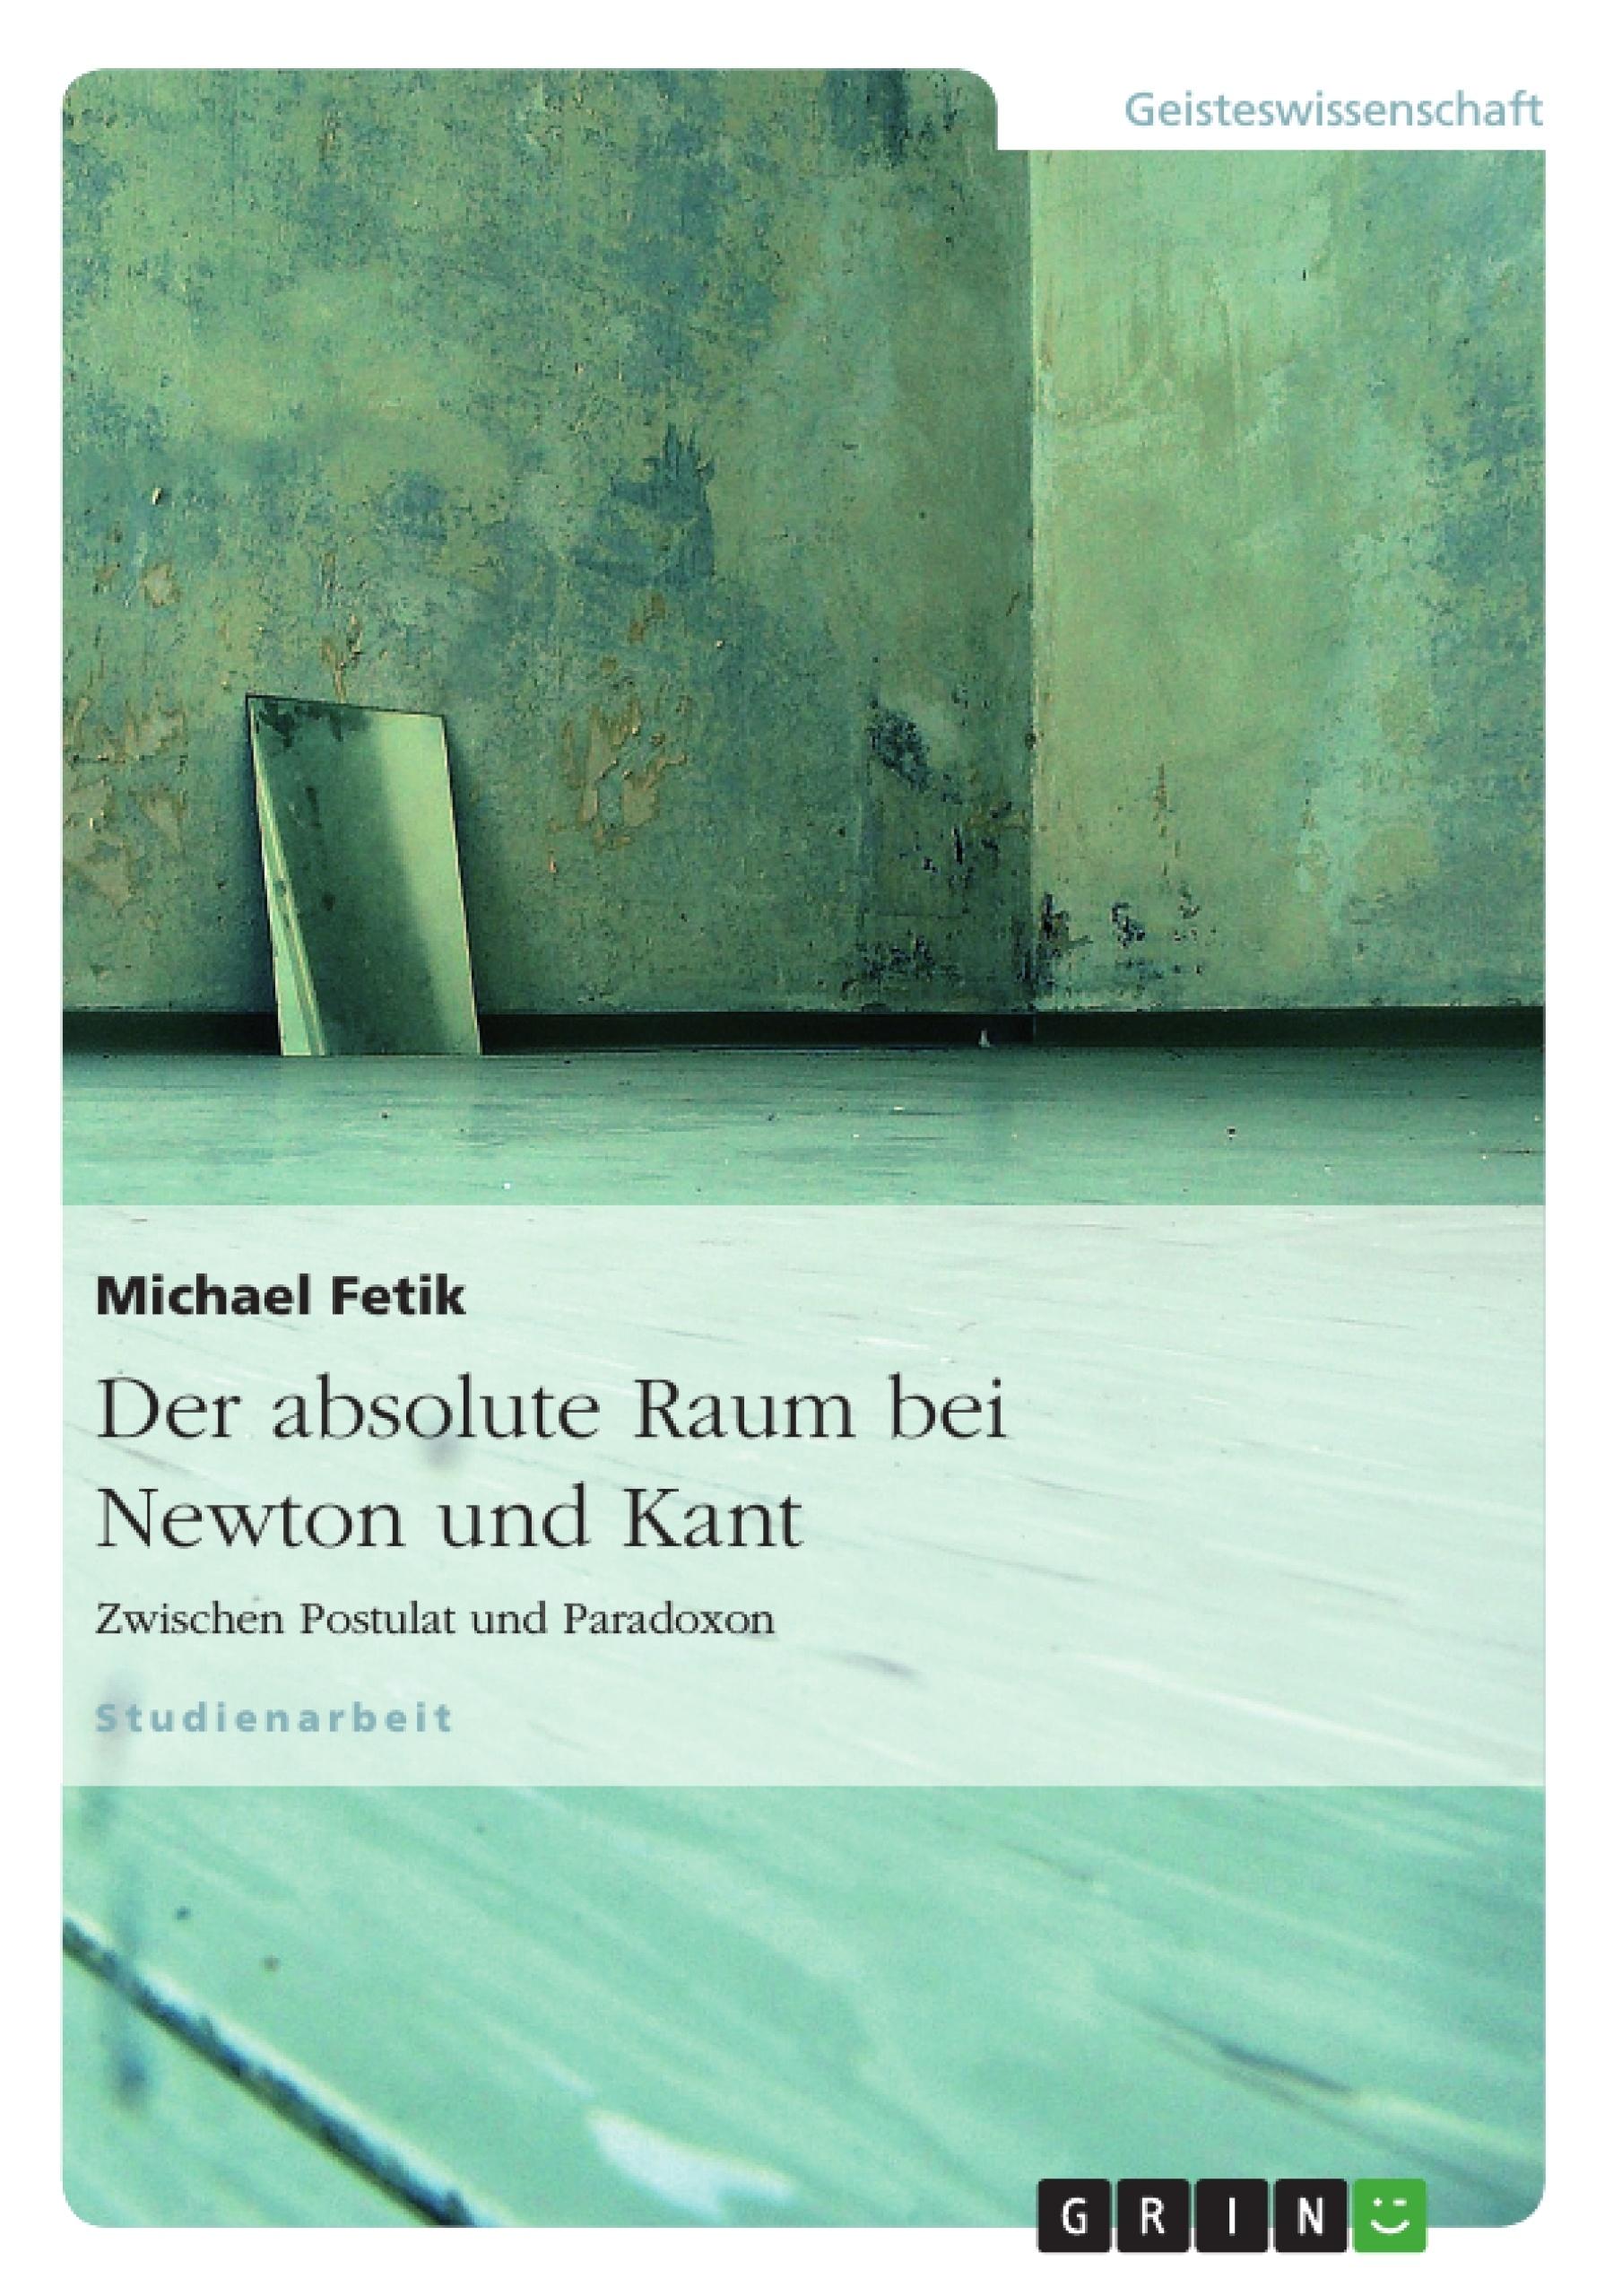 Titel: Der absolute Raum bei Newton und Kant